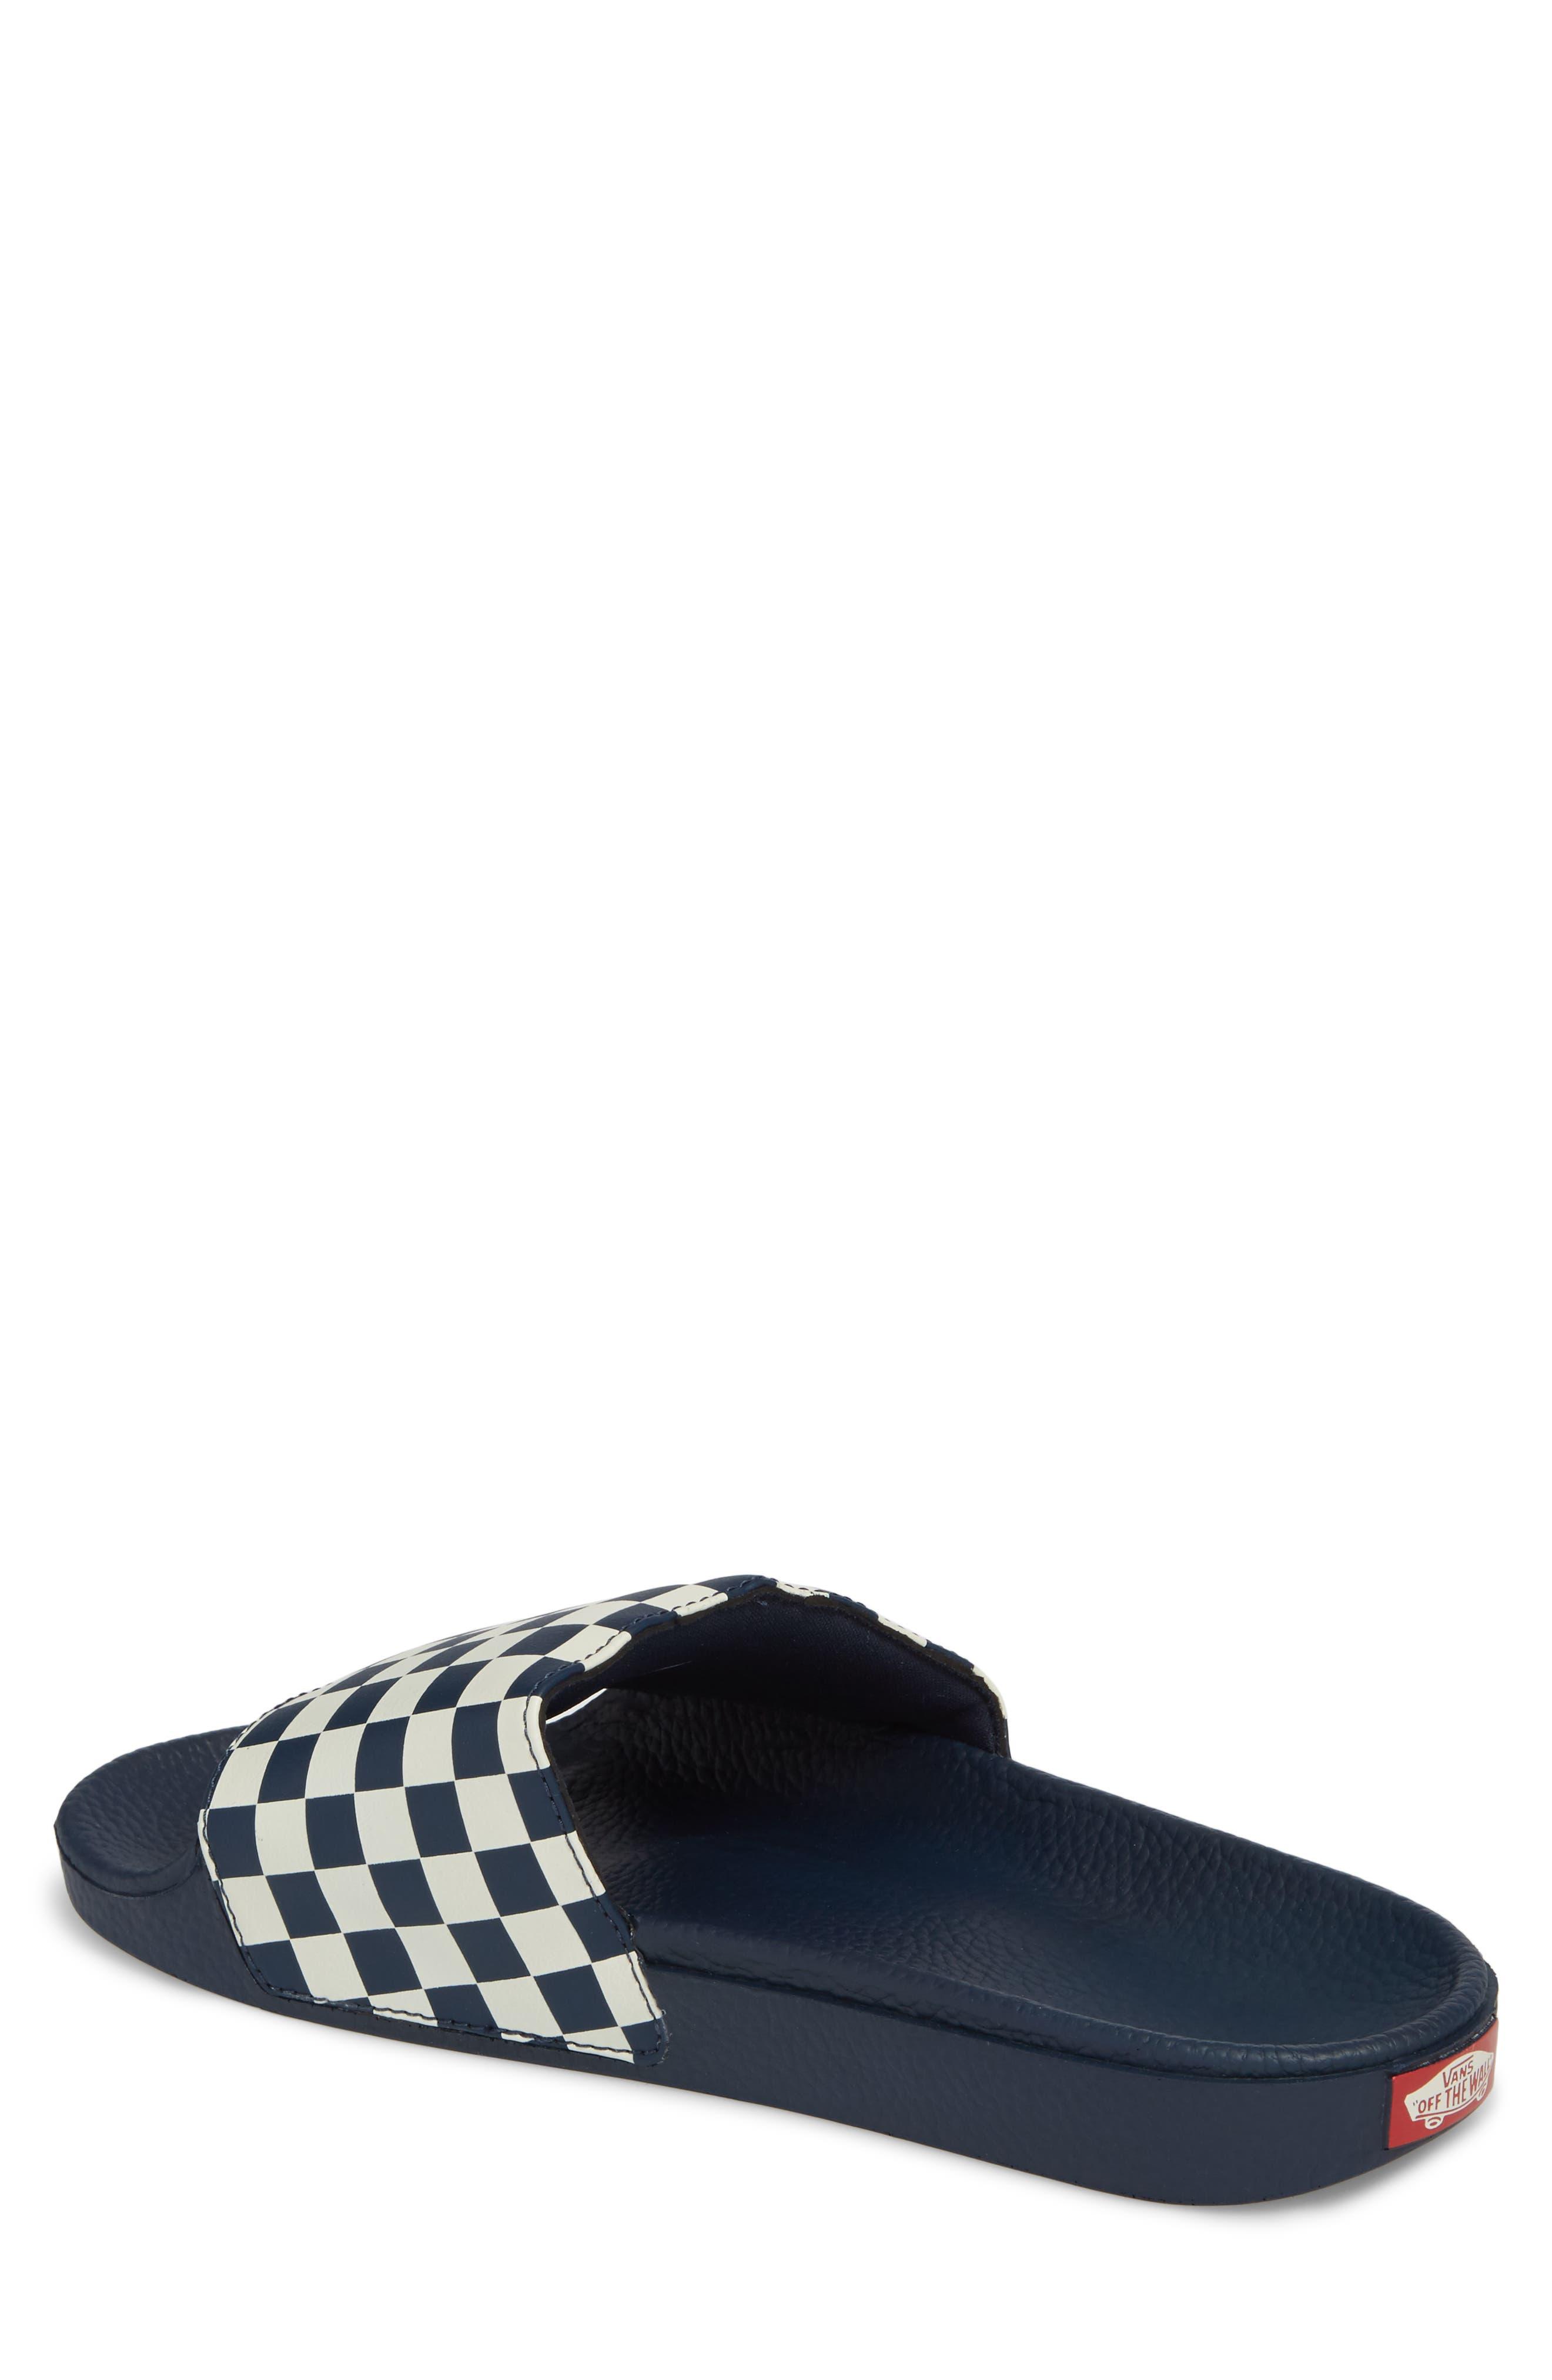 'Slide-On' Slide Sandal,                             Alternate thumbnail 2, color,                             400